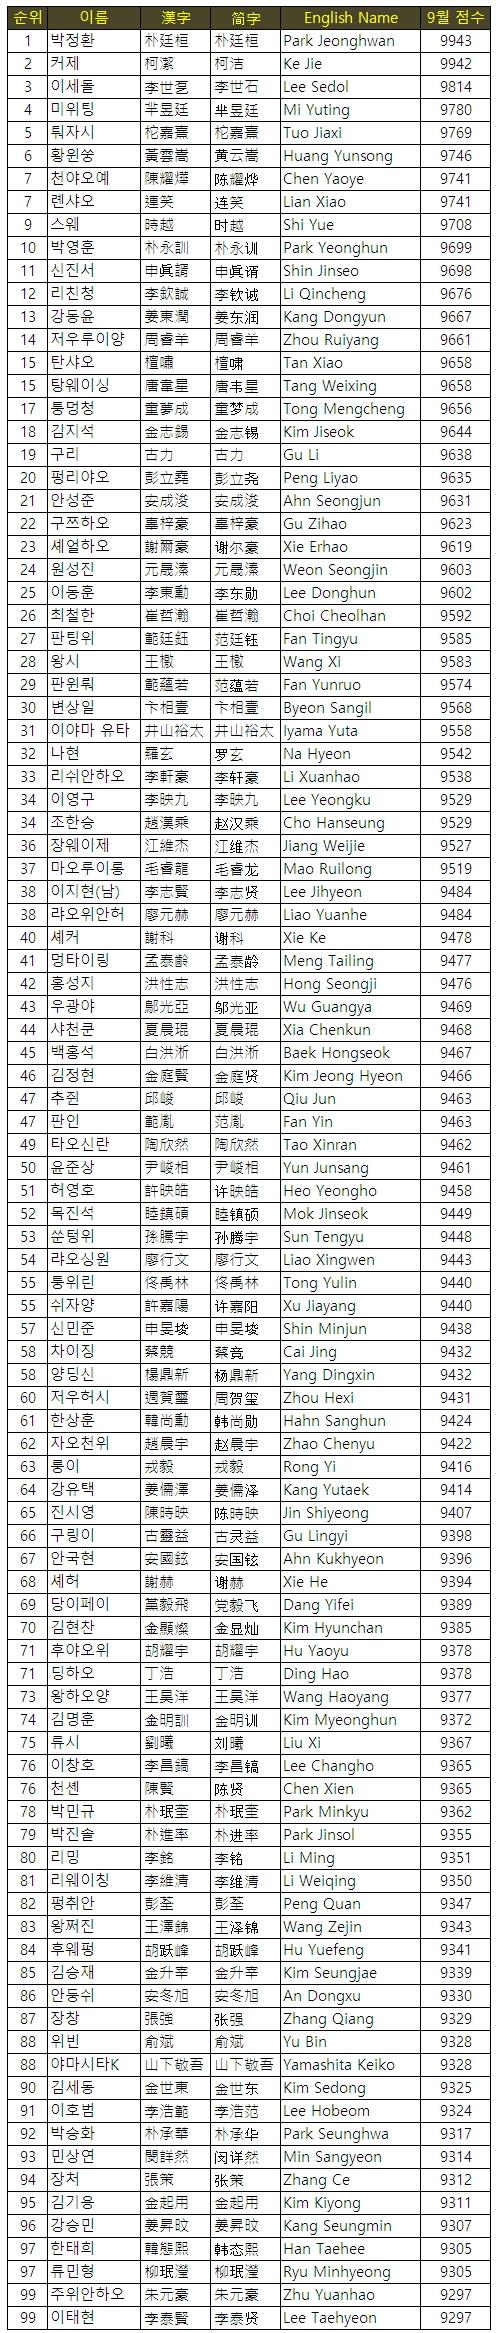 韩国棋院裴太日博士的最新世界排名